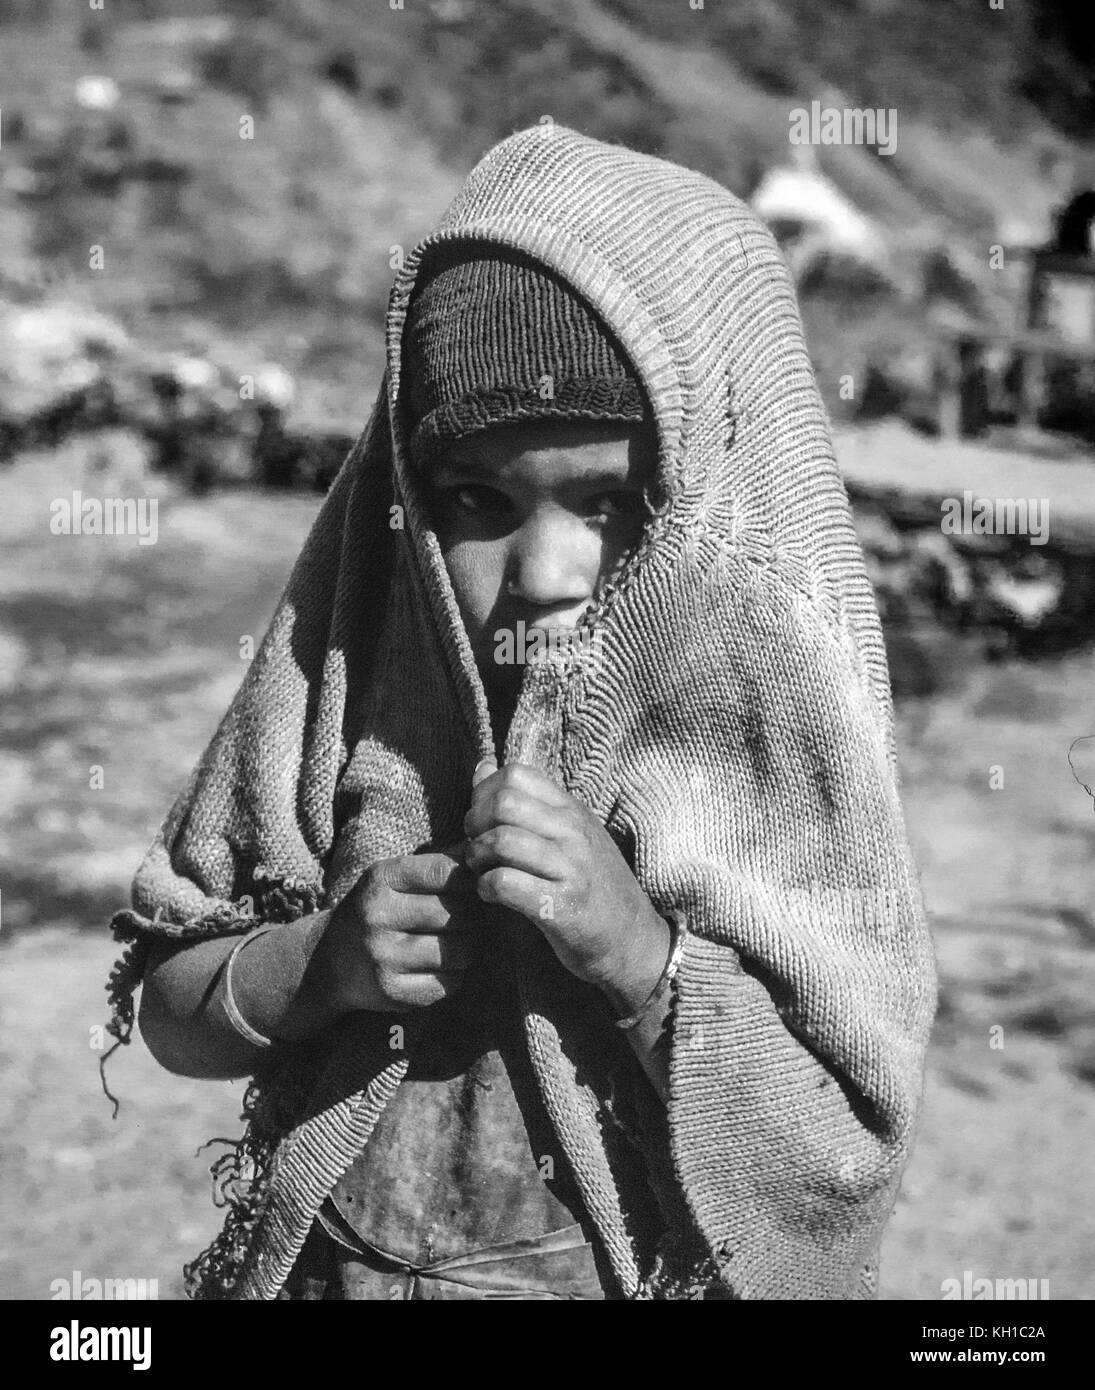 Niño nepalí que cubre su cabeza - Blanco y negro Imagen De Stock